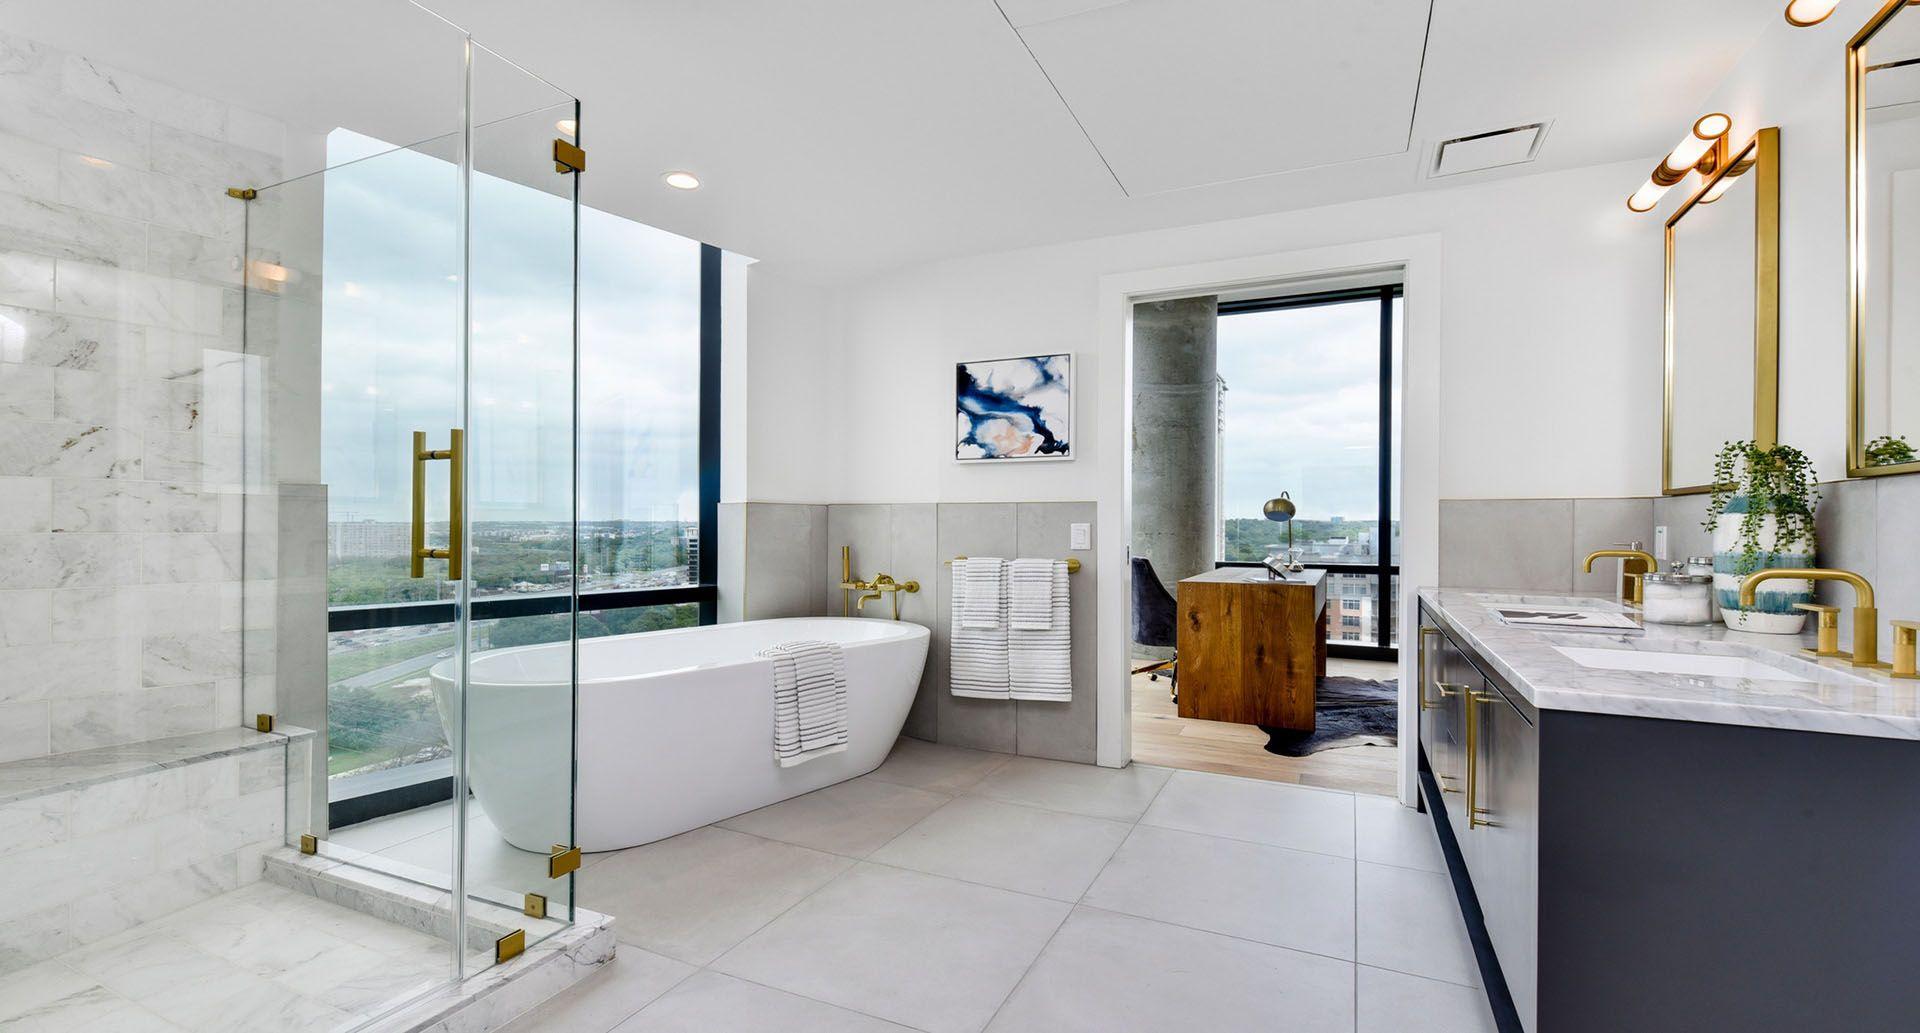 D1 Bathroom